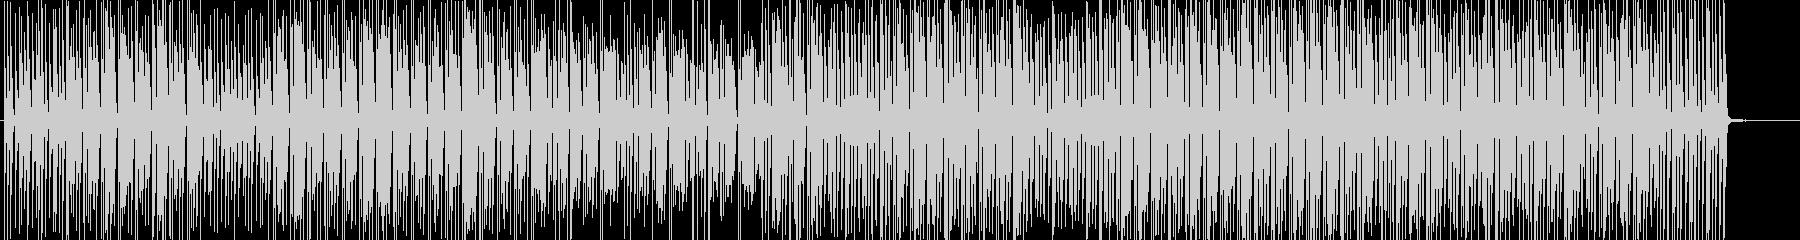 マリンバ-好奇心・物語・期待・わくわくの未再生の波形